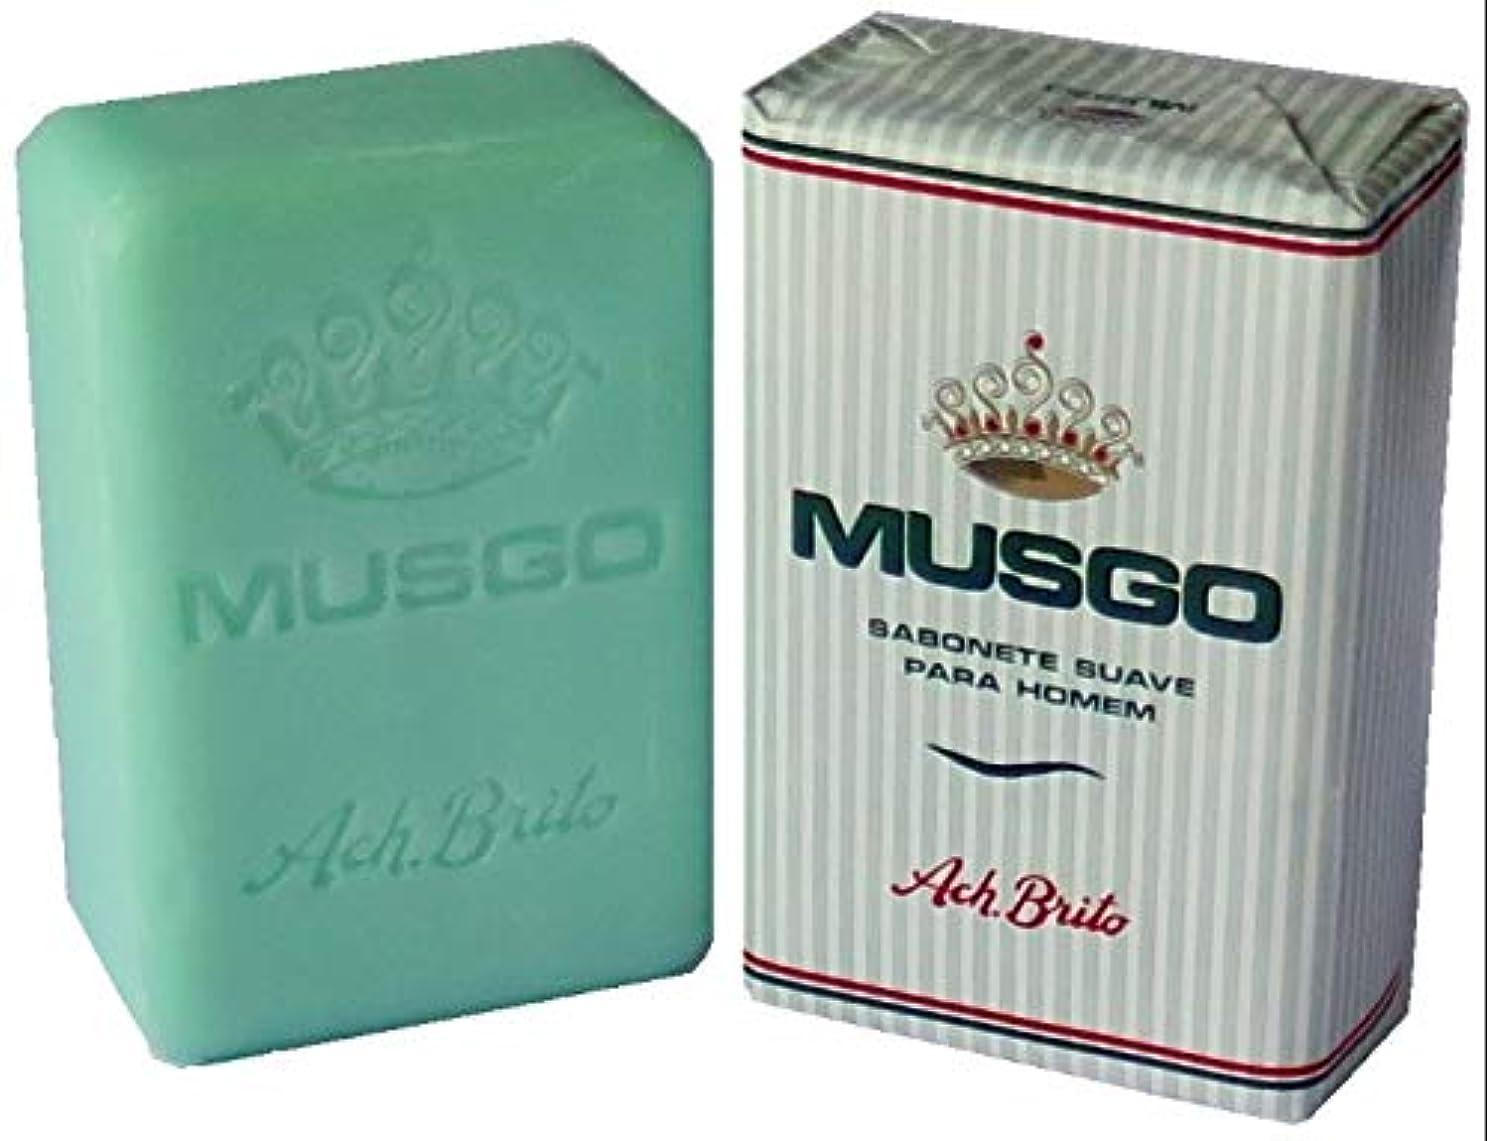 非難スプレー王朝Musgo Real Body Soap 「ロイヤルモス」 ボディソープバー 160g [並行輸入品]